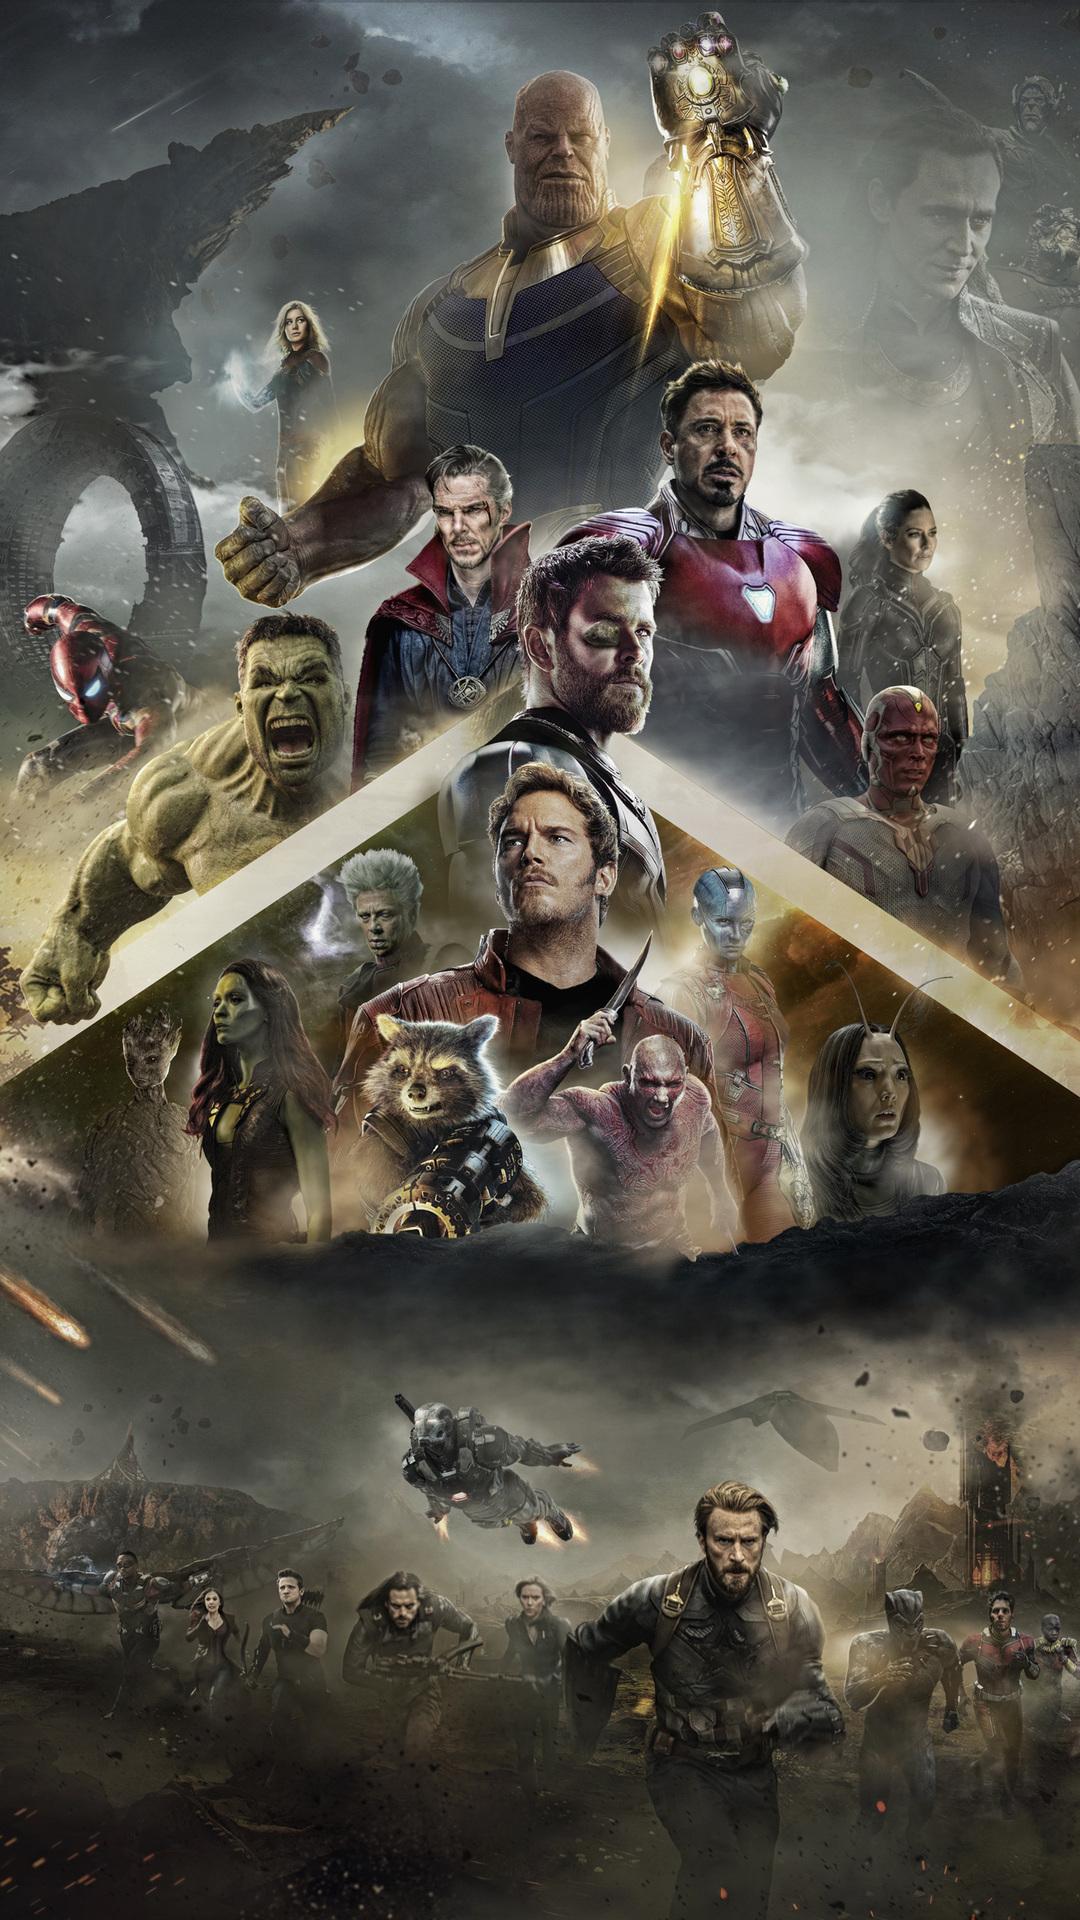 avengers-infinity-war-2018-poster-ha.jpg